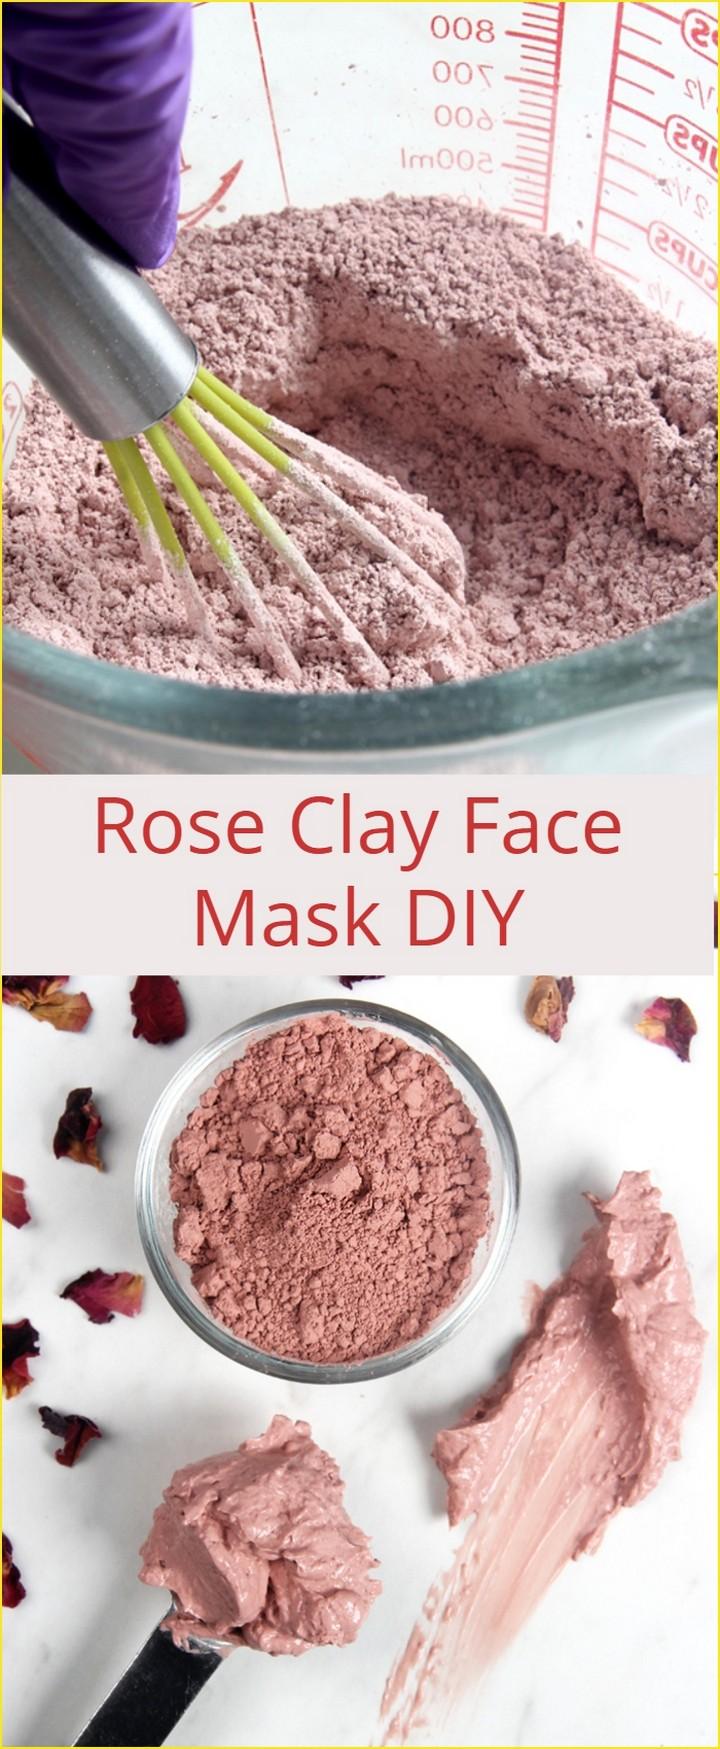 Rose Clay Face Mask DIY 1